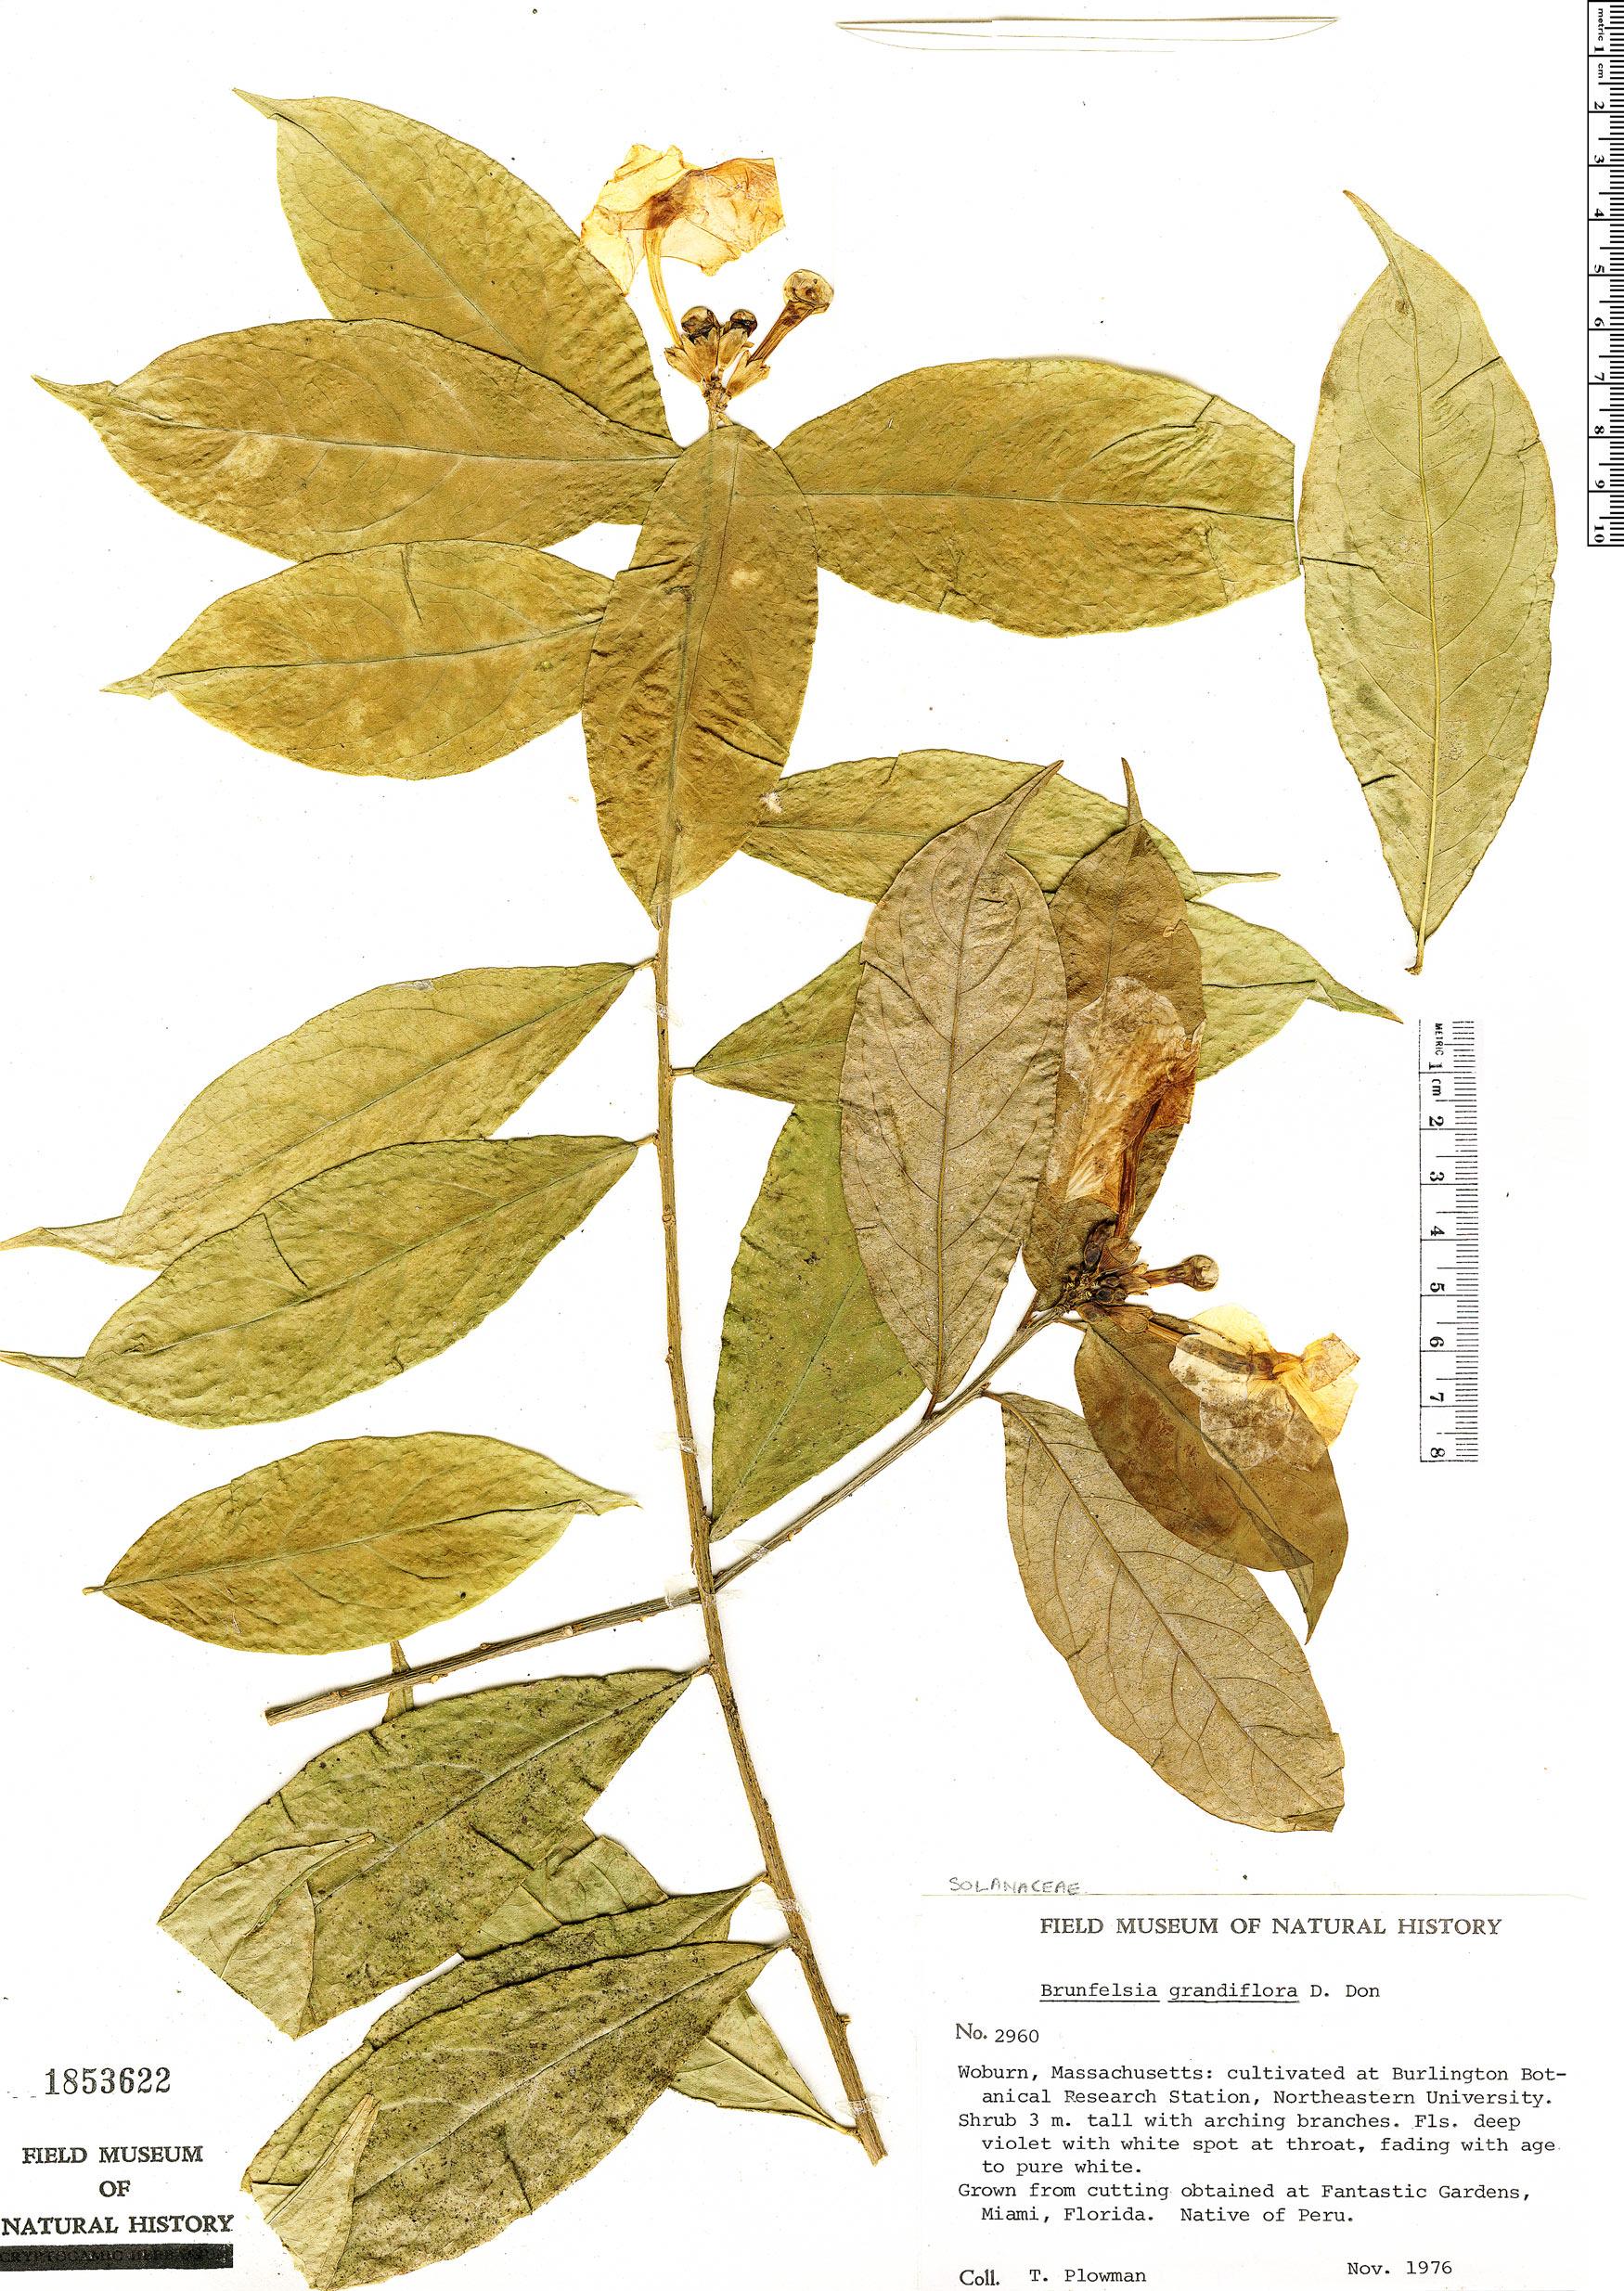 Specimen: Brunfelsia grandiflora